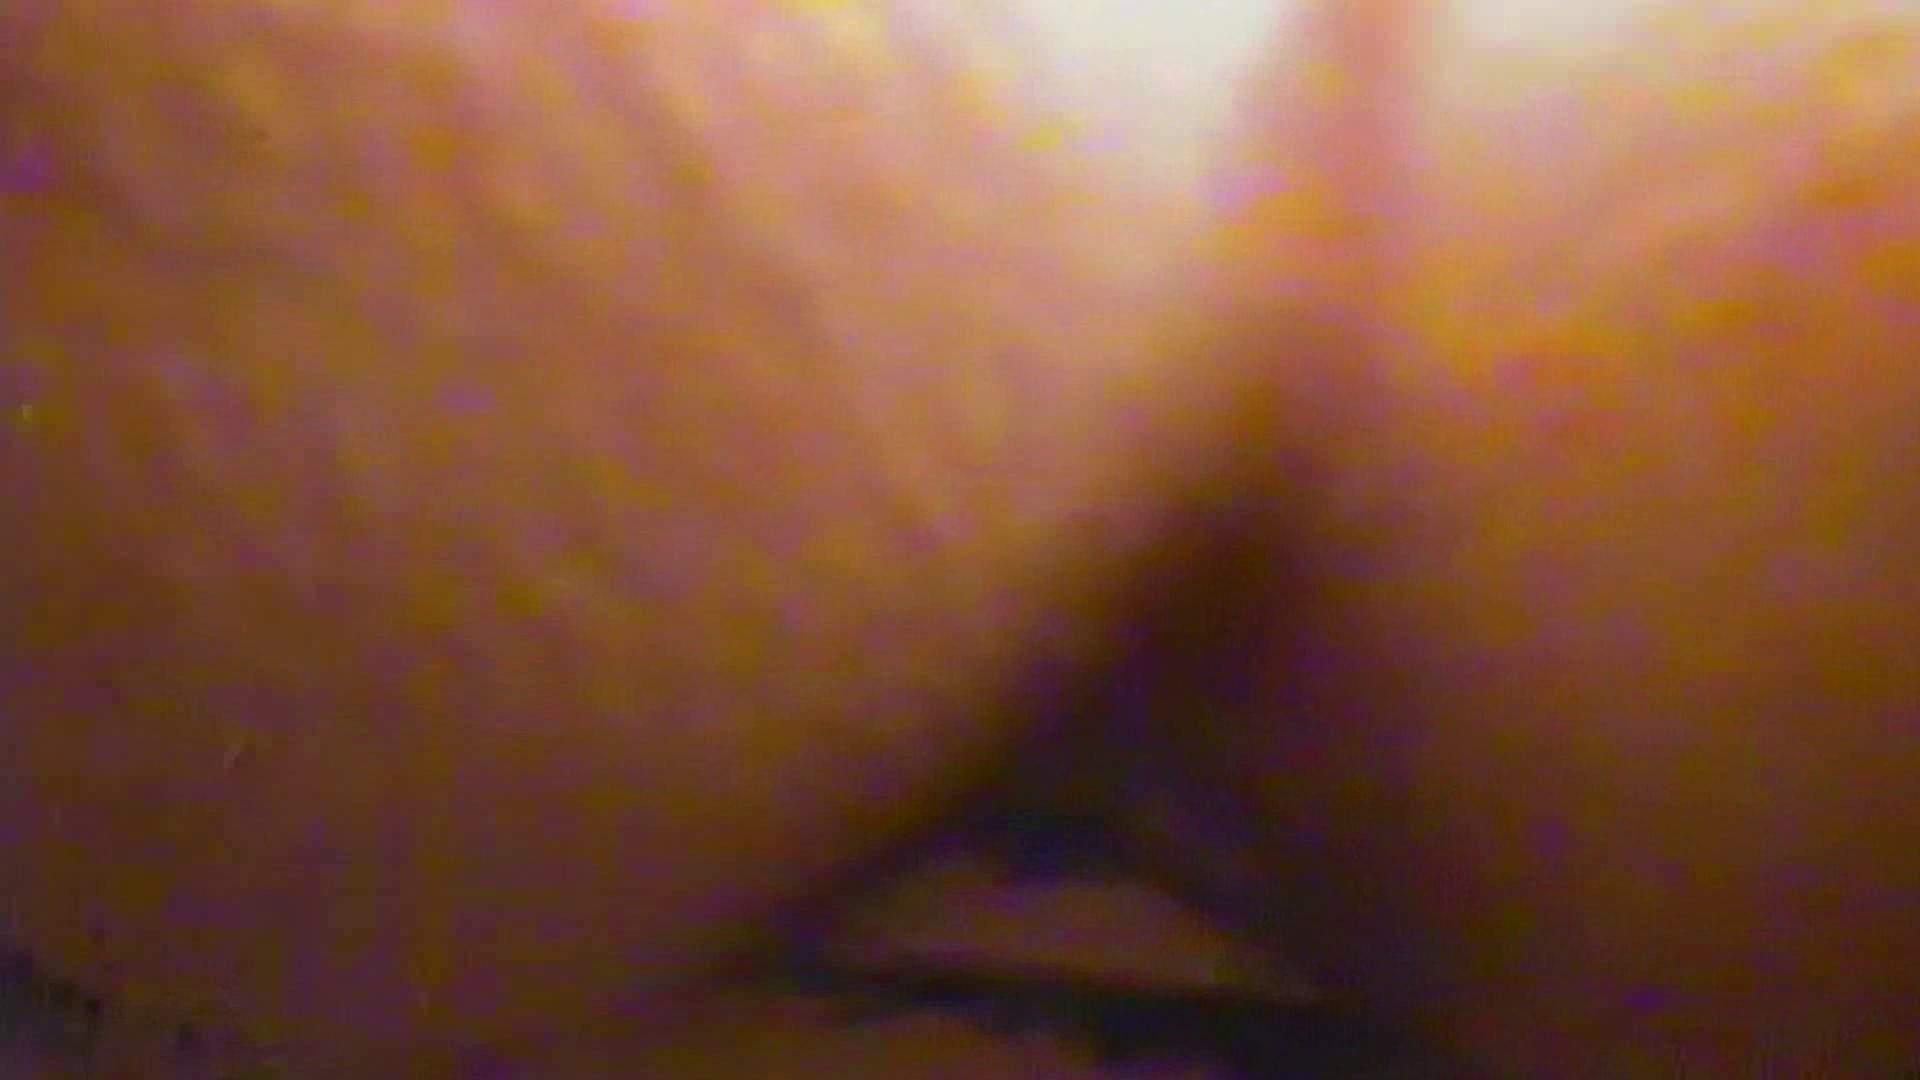 キレカワ女子大生の秘密の洗面所!Vol.014 放尿 オマンコ無修正動画無料 75pic 46